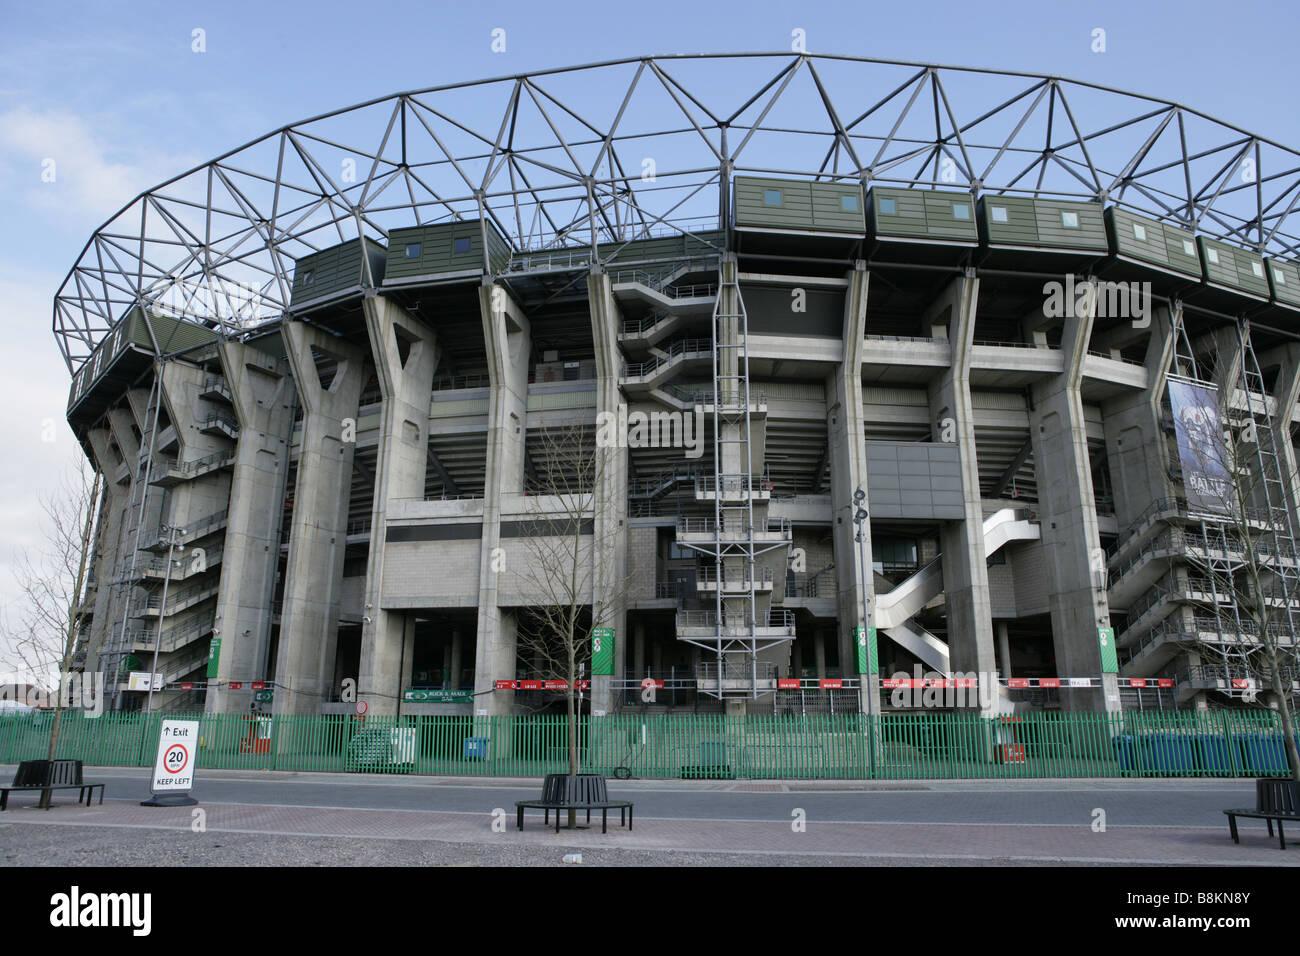 Twickenham Stadium North Stand - Stock Image